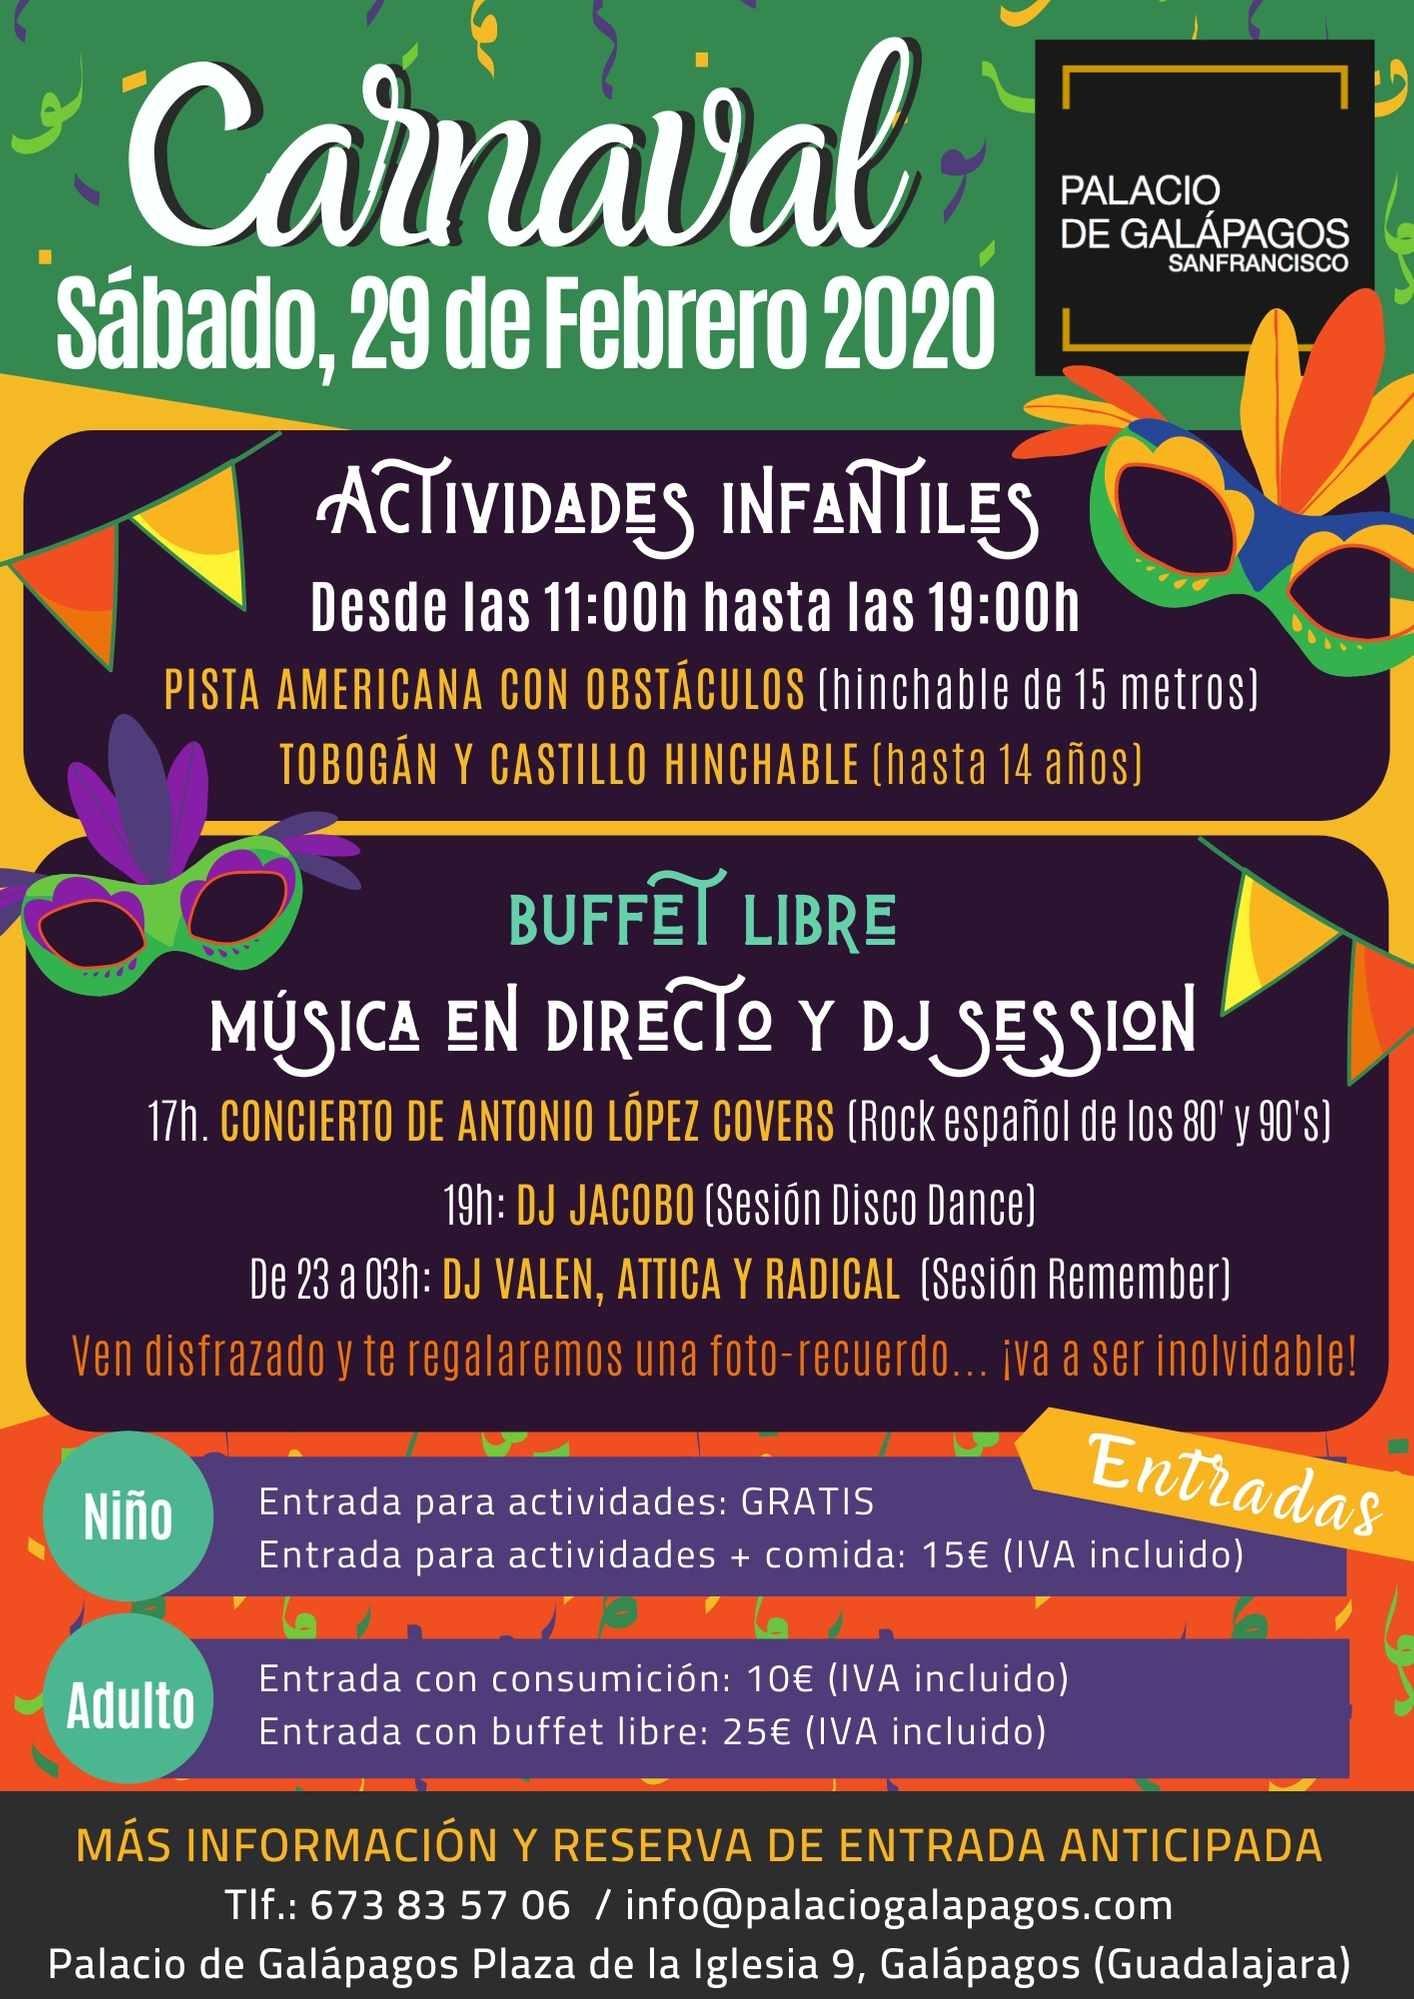 Carnaval 2020 en Palacio de Galápagos